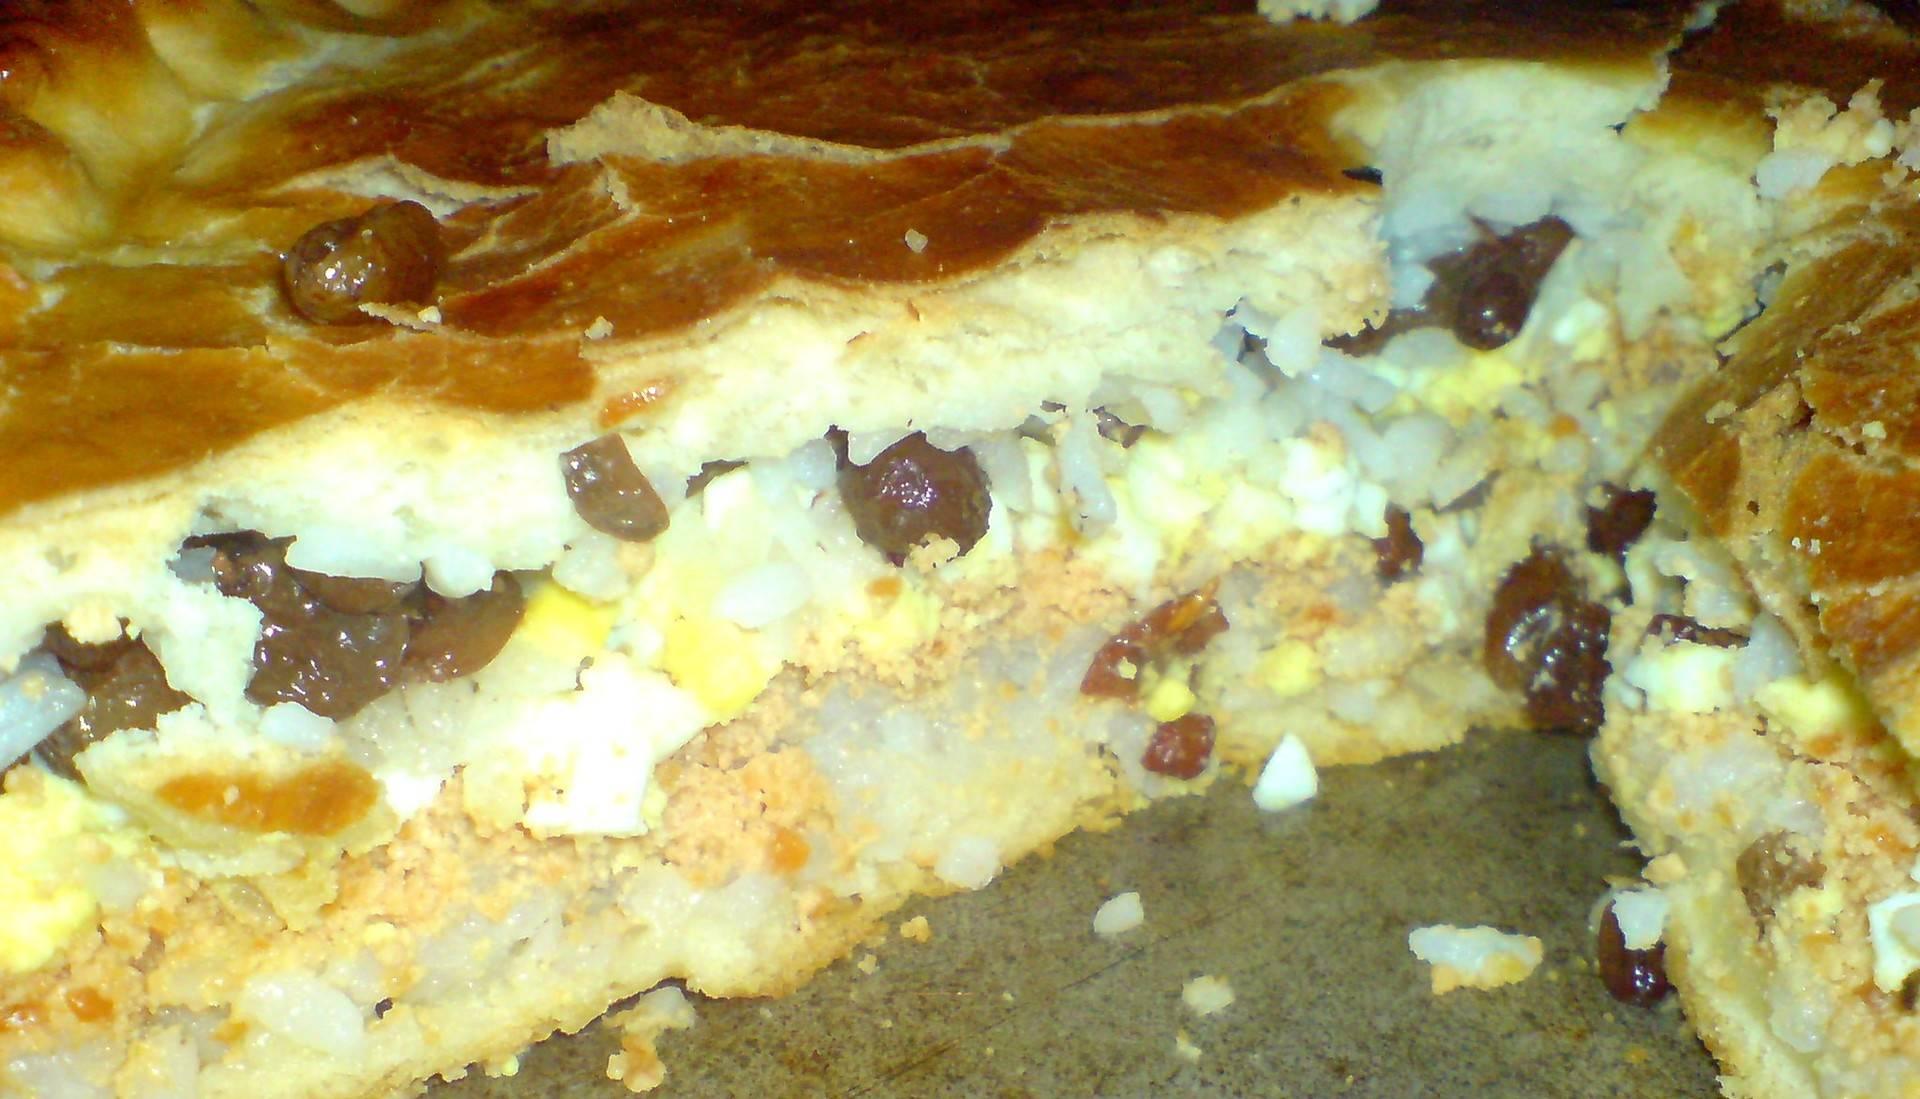 Сладкая губадия: многослойный татарский пирог с творогом и изюмом